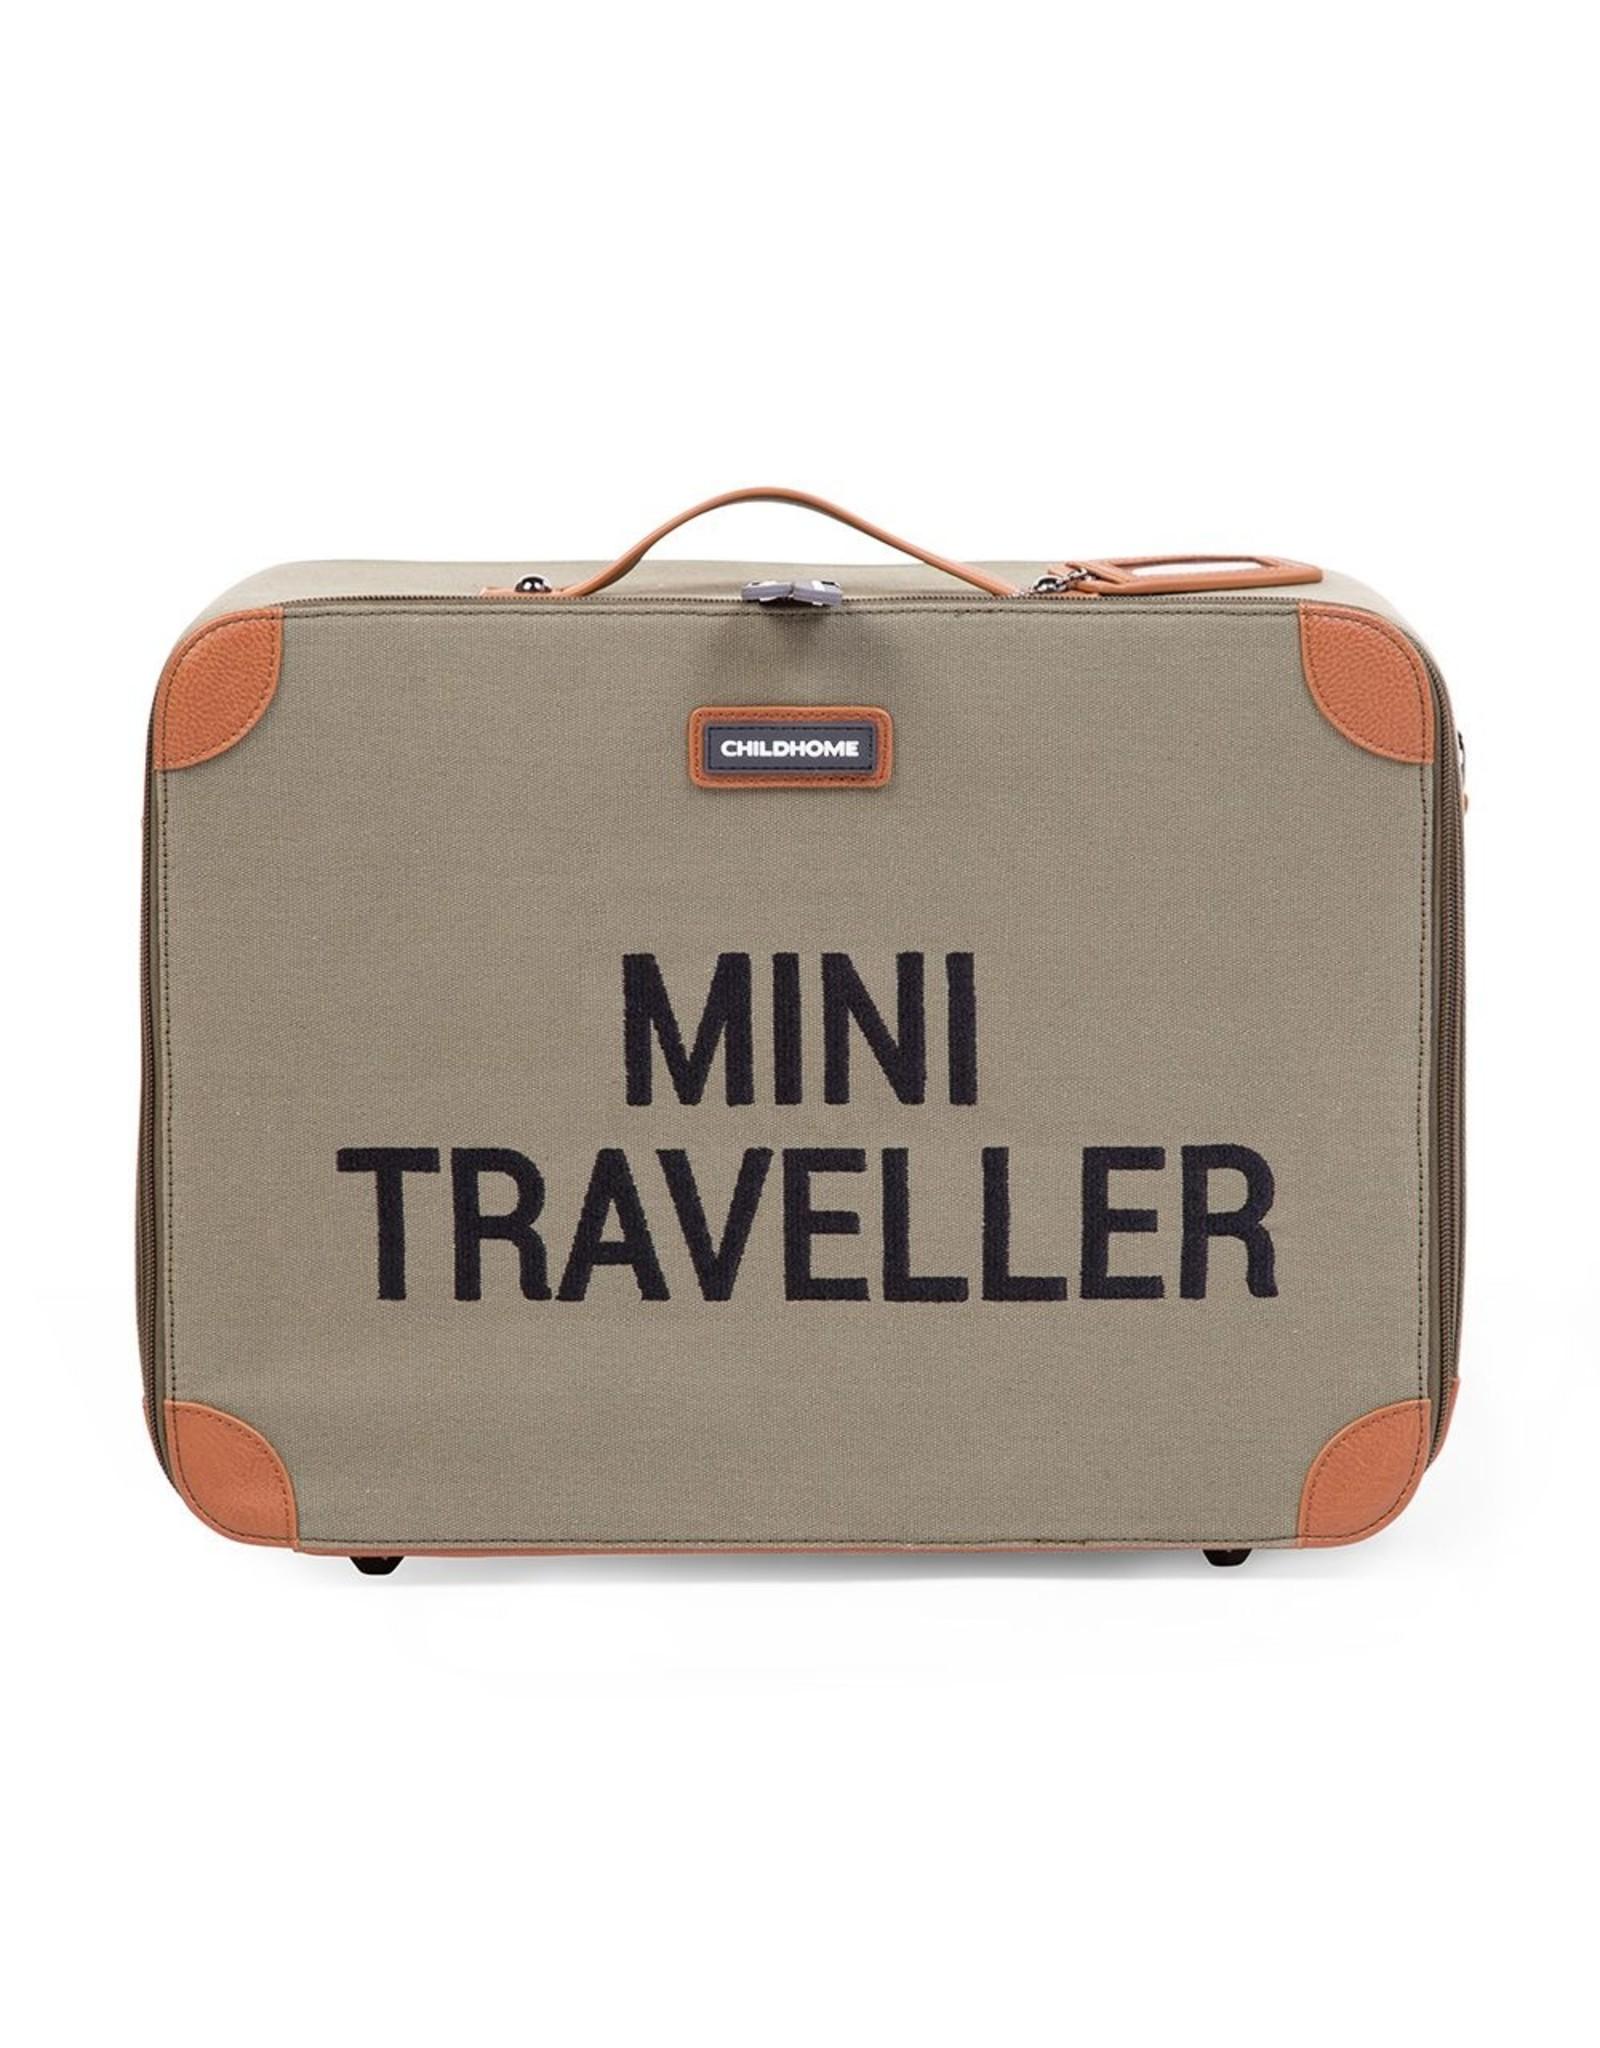 Childhome Valise Mini Traveller Kaki